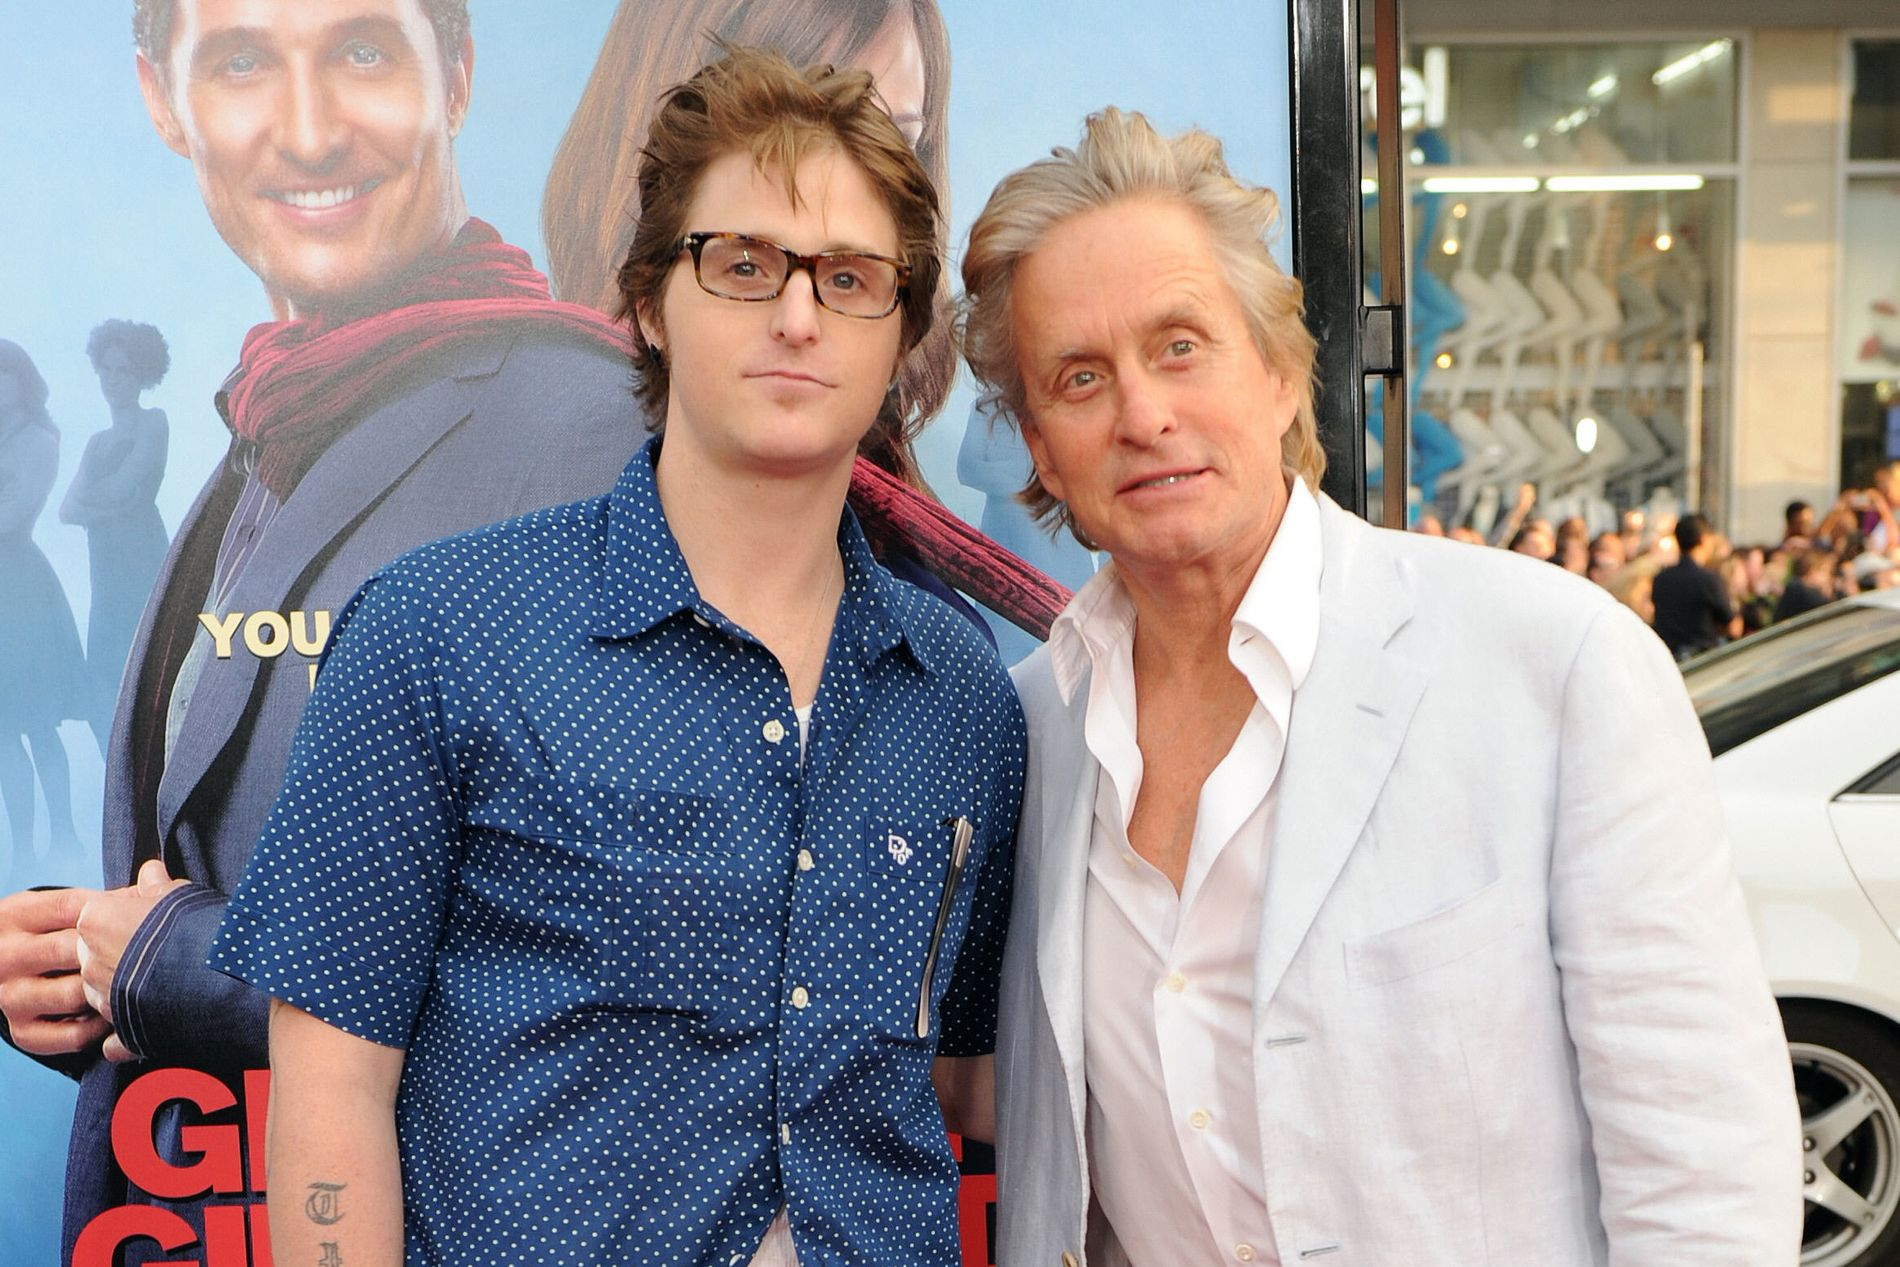 FAR OG SØNN PÅ PREMIERE: Michael Douglas og sønnen Cameron fra en premiere i 2009, året før Cameron ble arrestert og fengslet for narkotikaforbrytelser.